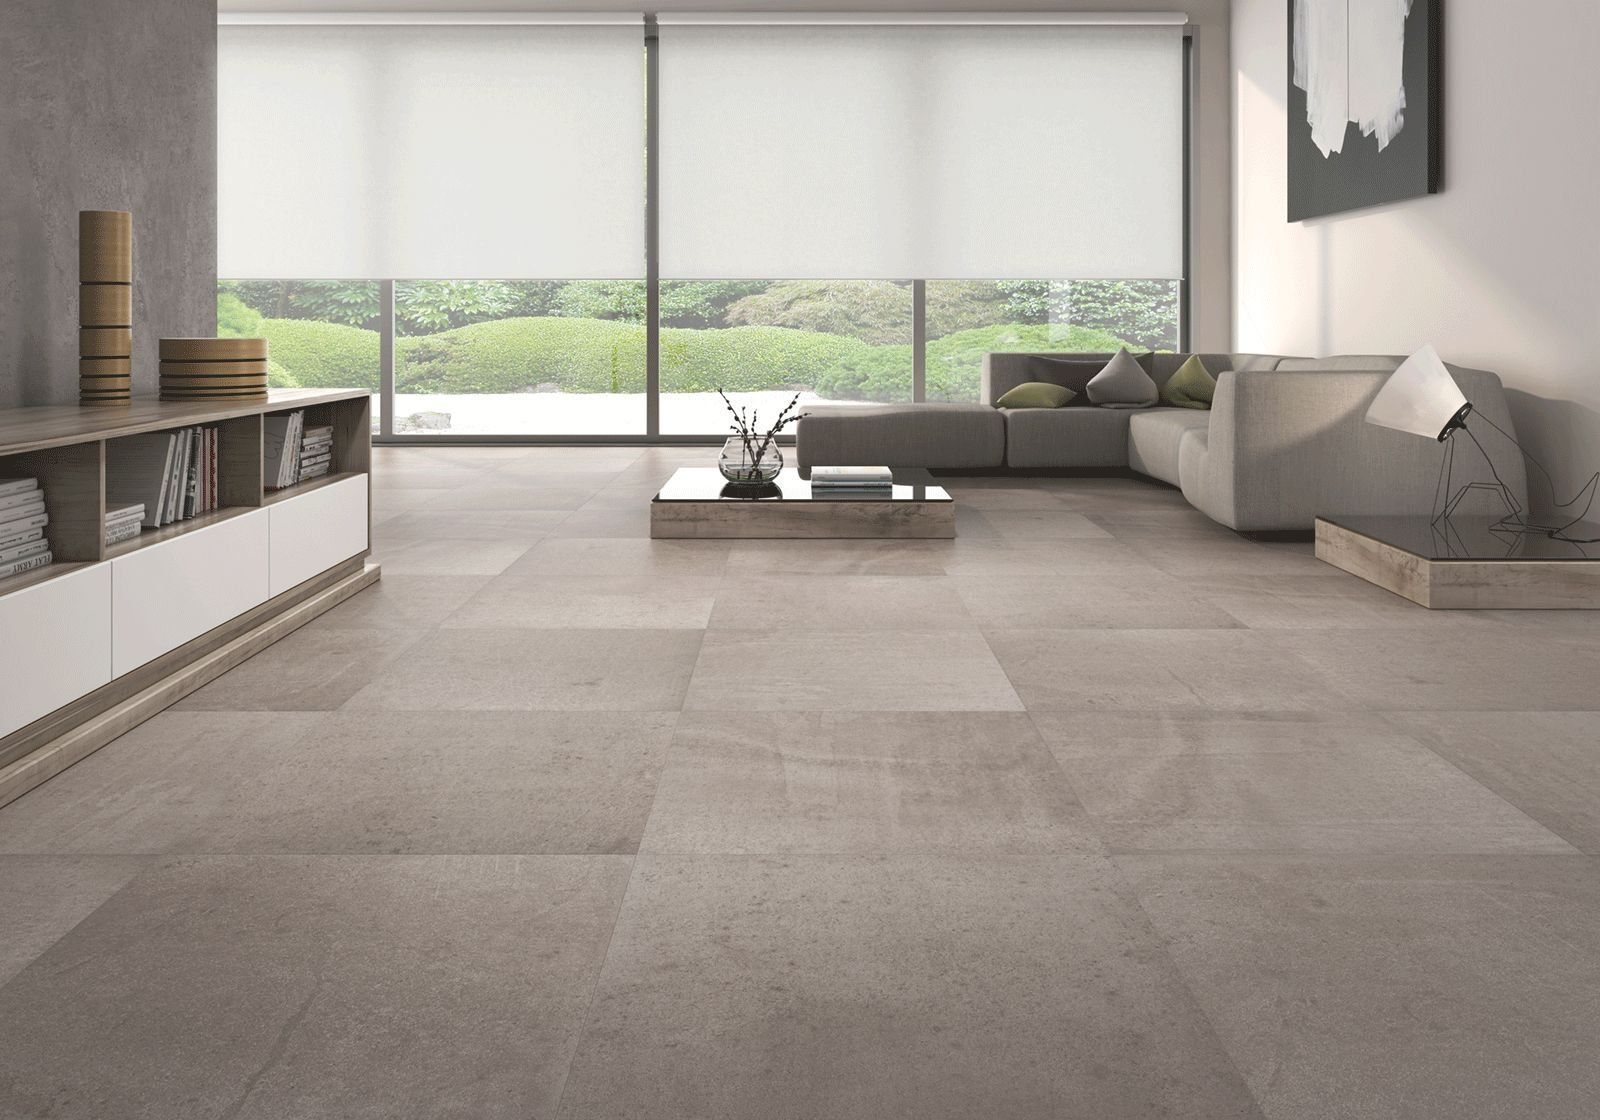 Interior design with tiles Aventuro tiles